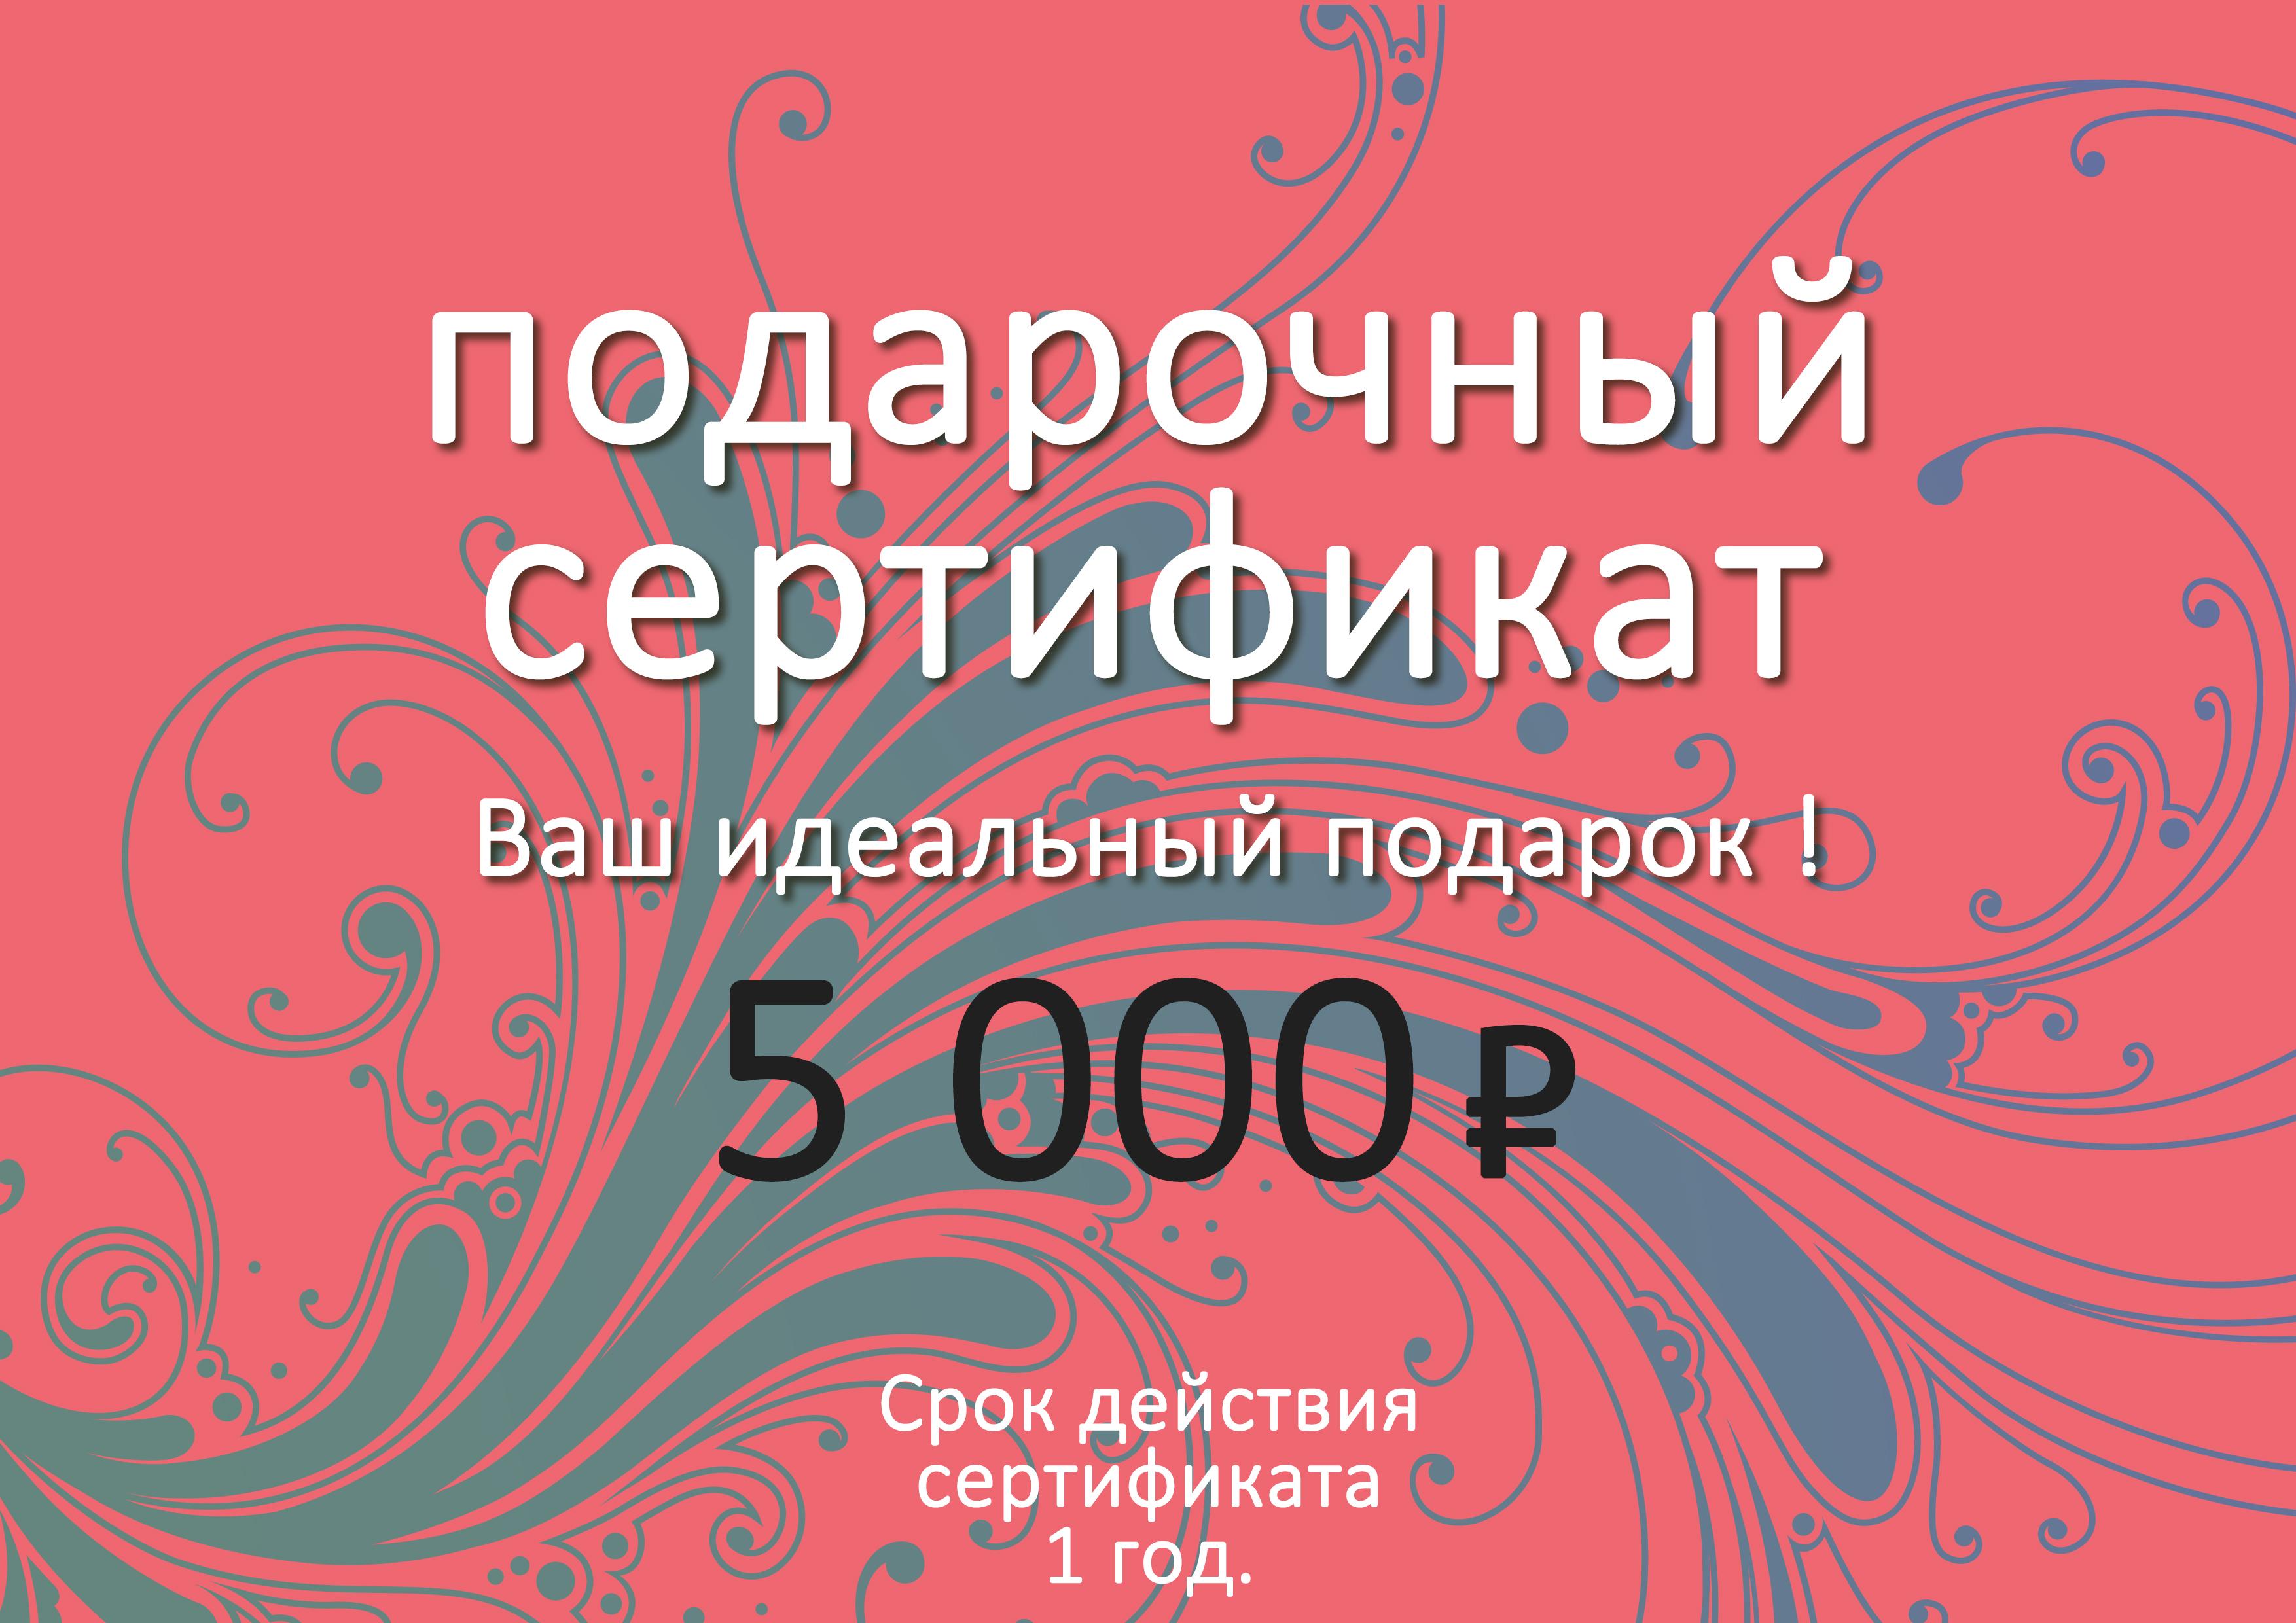 5000 руб_1